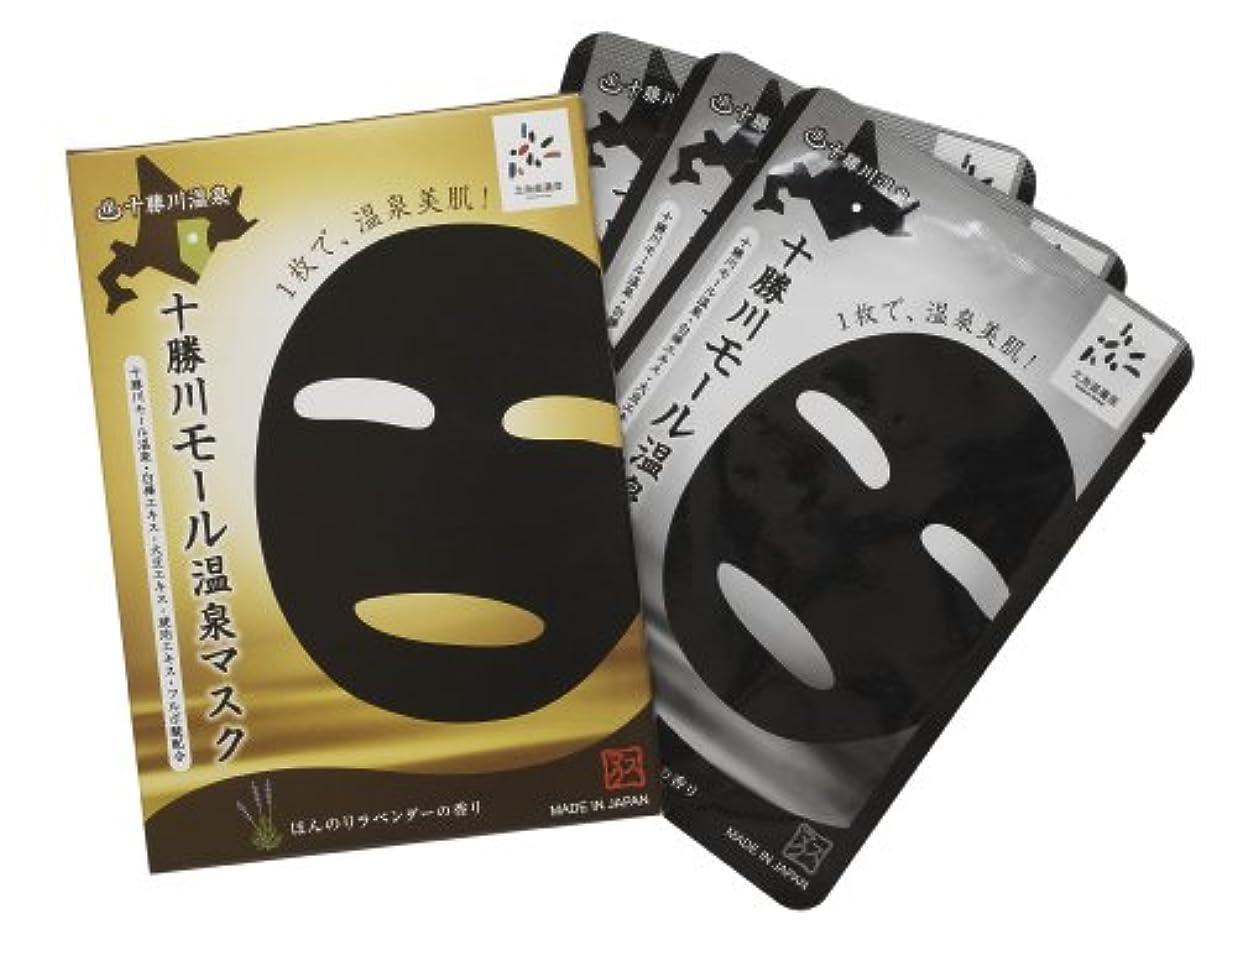 不完全な系譜懺悔十勝川温泉マスク